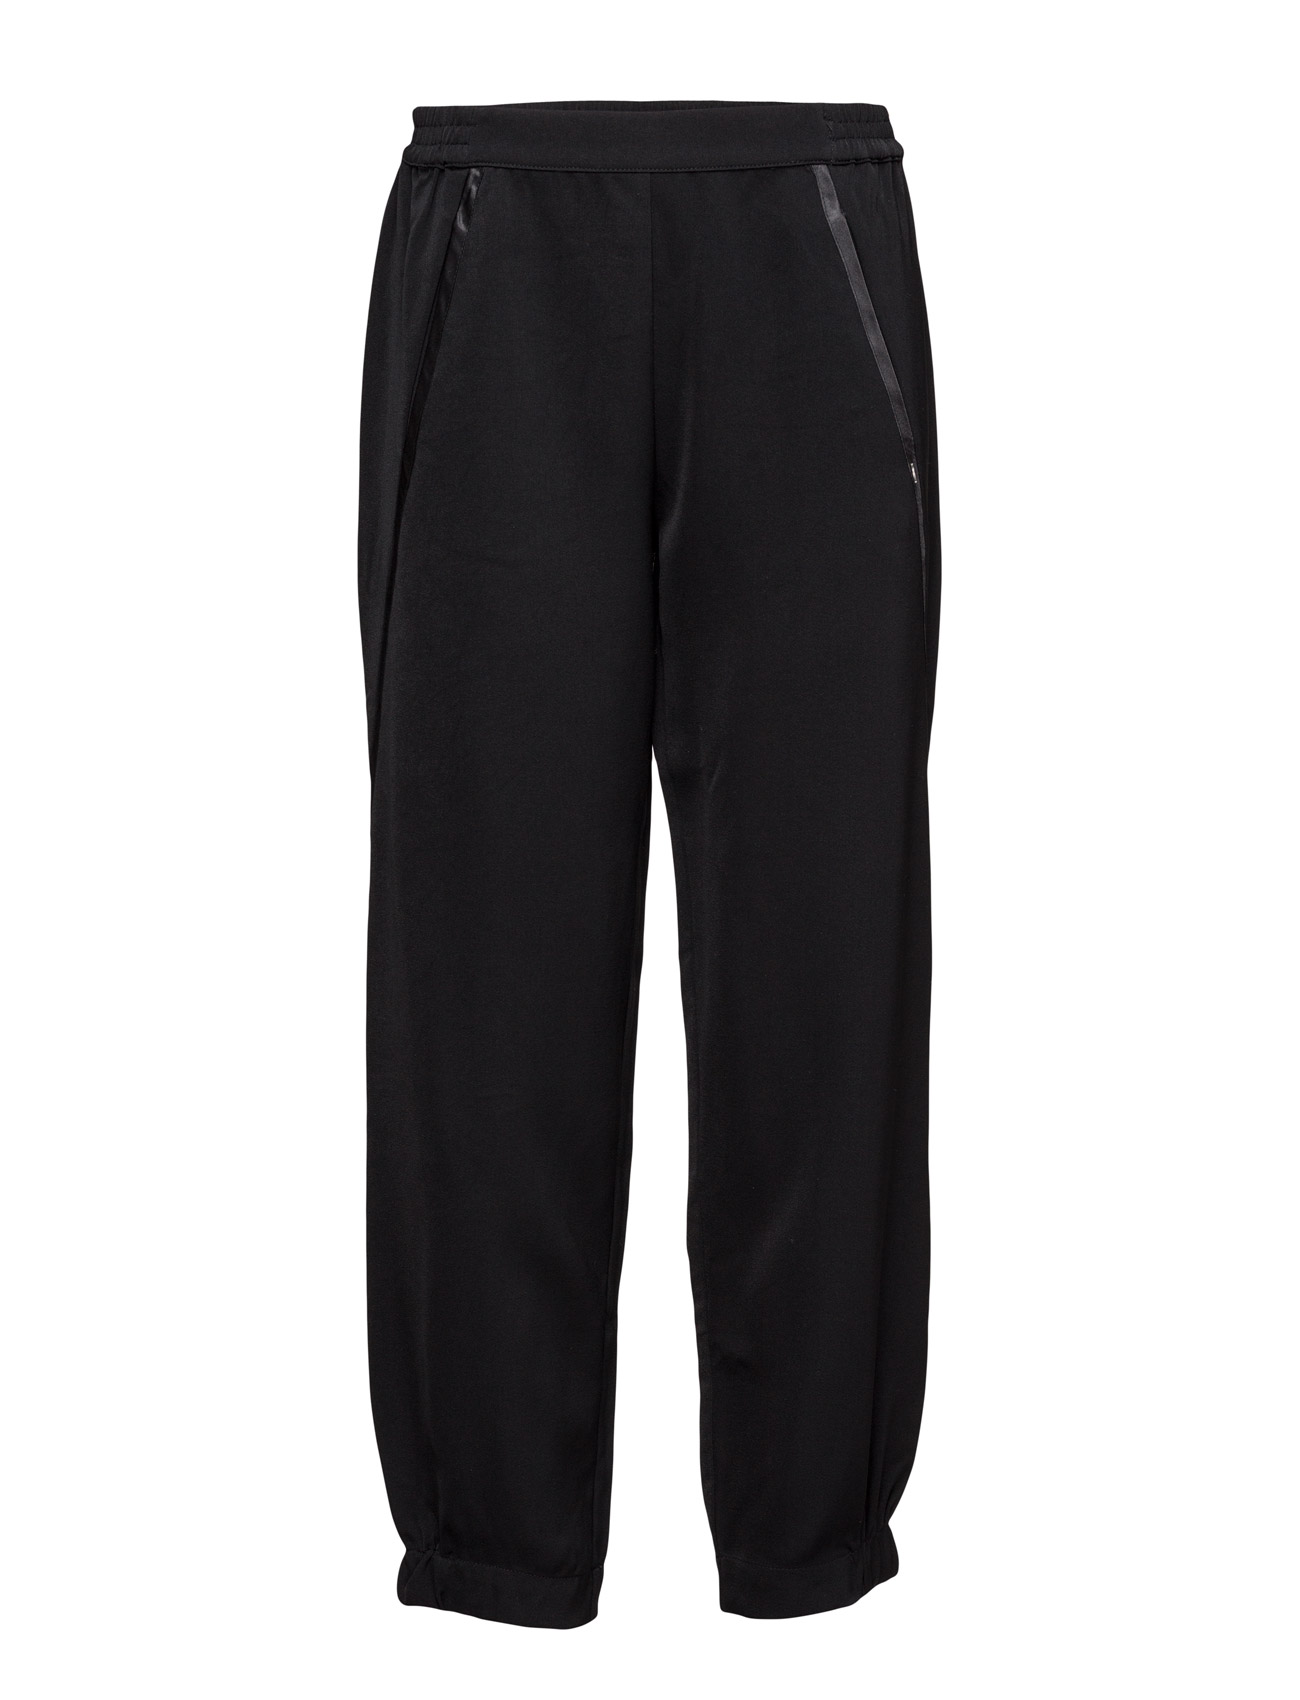 Pants W. Satin Piping Coster Copenhagen Casual bukser til Damer i Sort